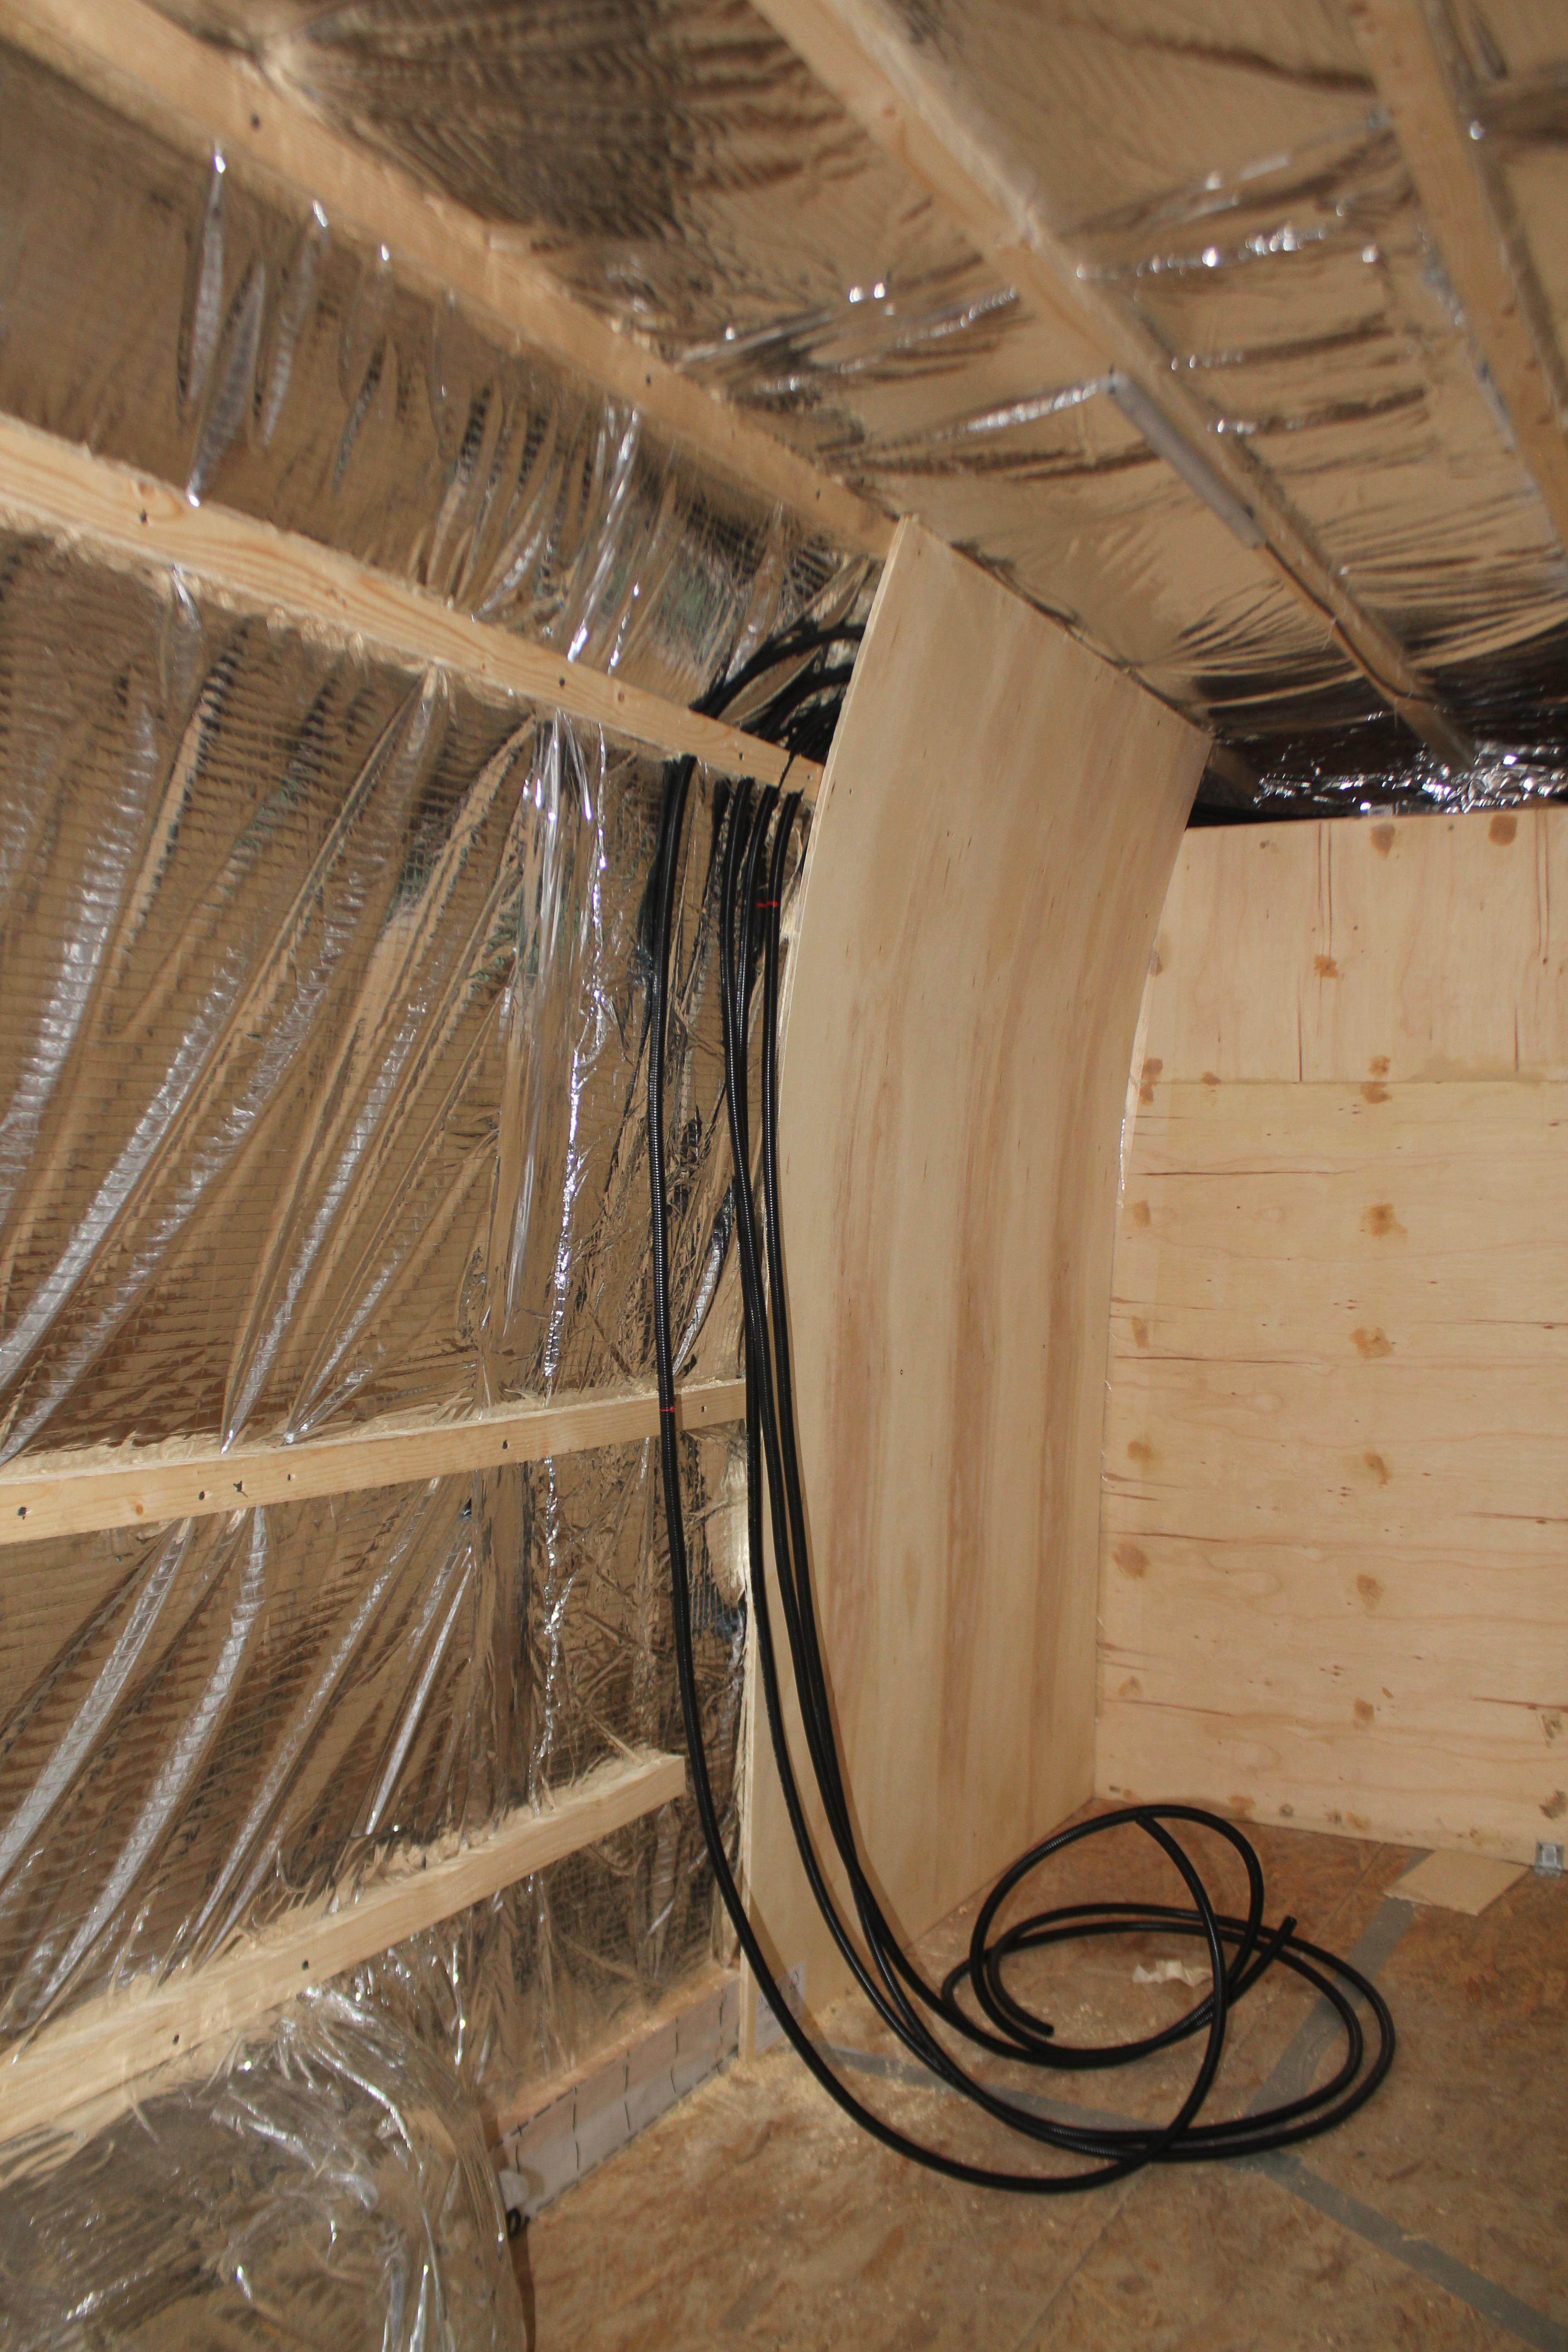 Comment Isoler Son Garage Moindre Cout isoler son fourgon avec de l'isolant mince (ou multicouche